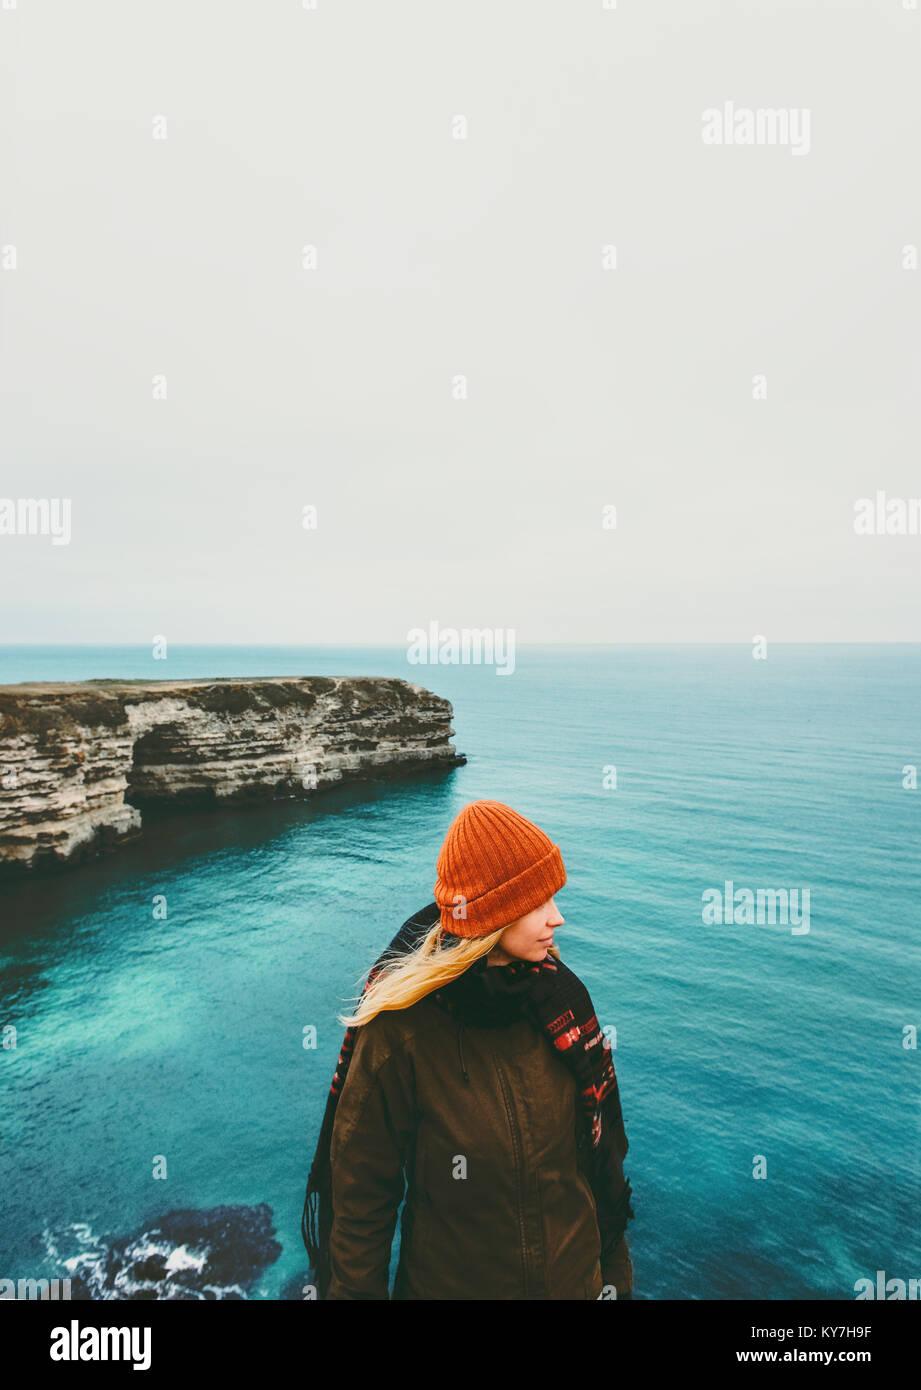 Mujer caminando en el frío mar ver solo concepto de estilo de vida Viajes Vacaciones de aventura outdoor Imagen De Stock